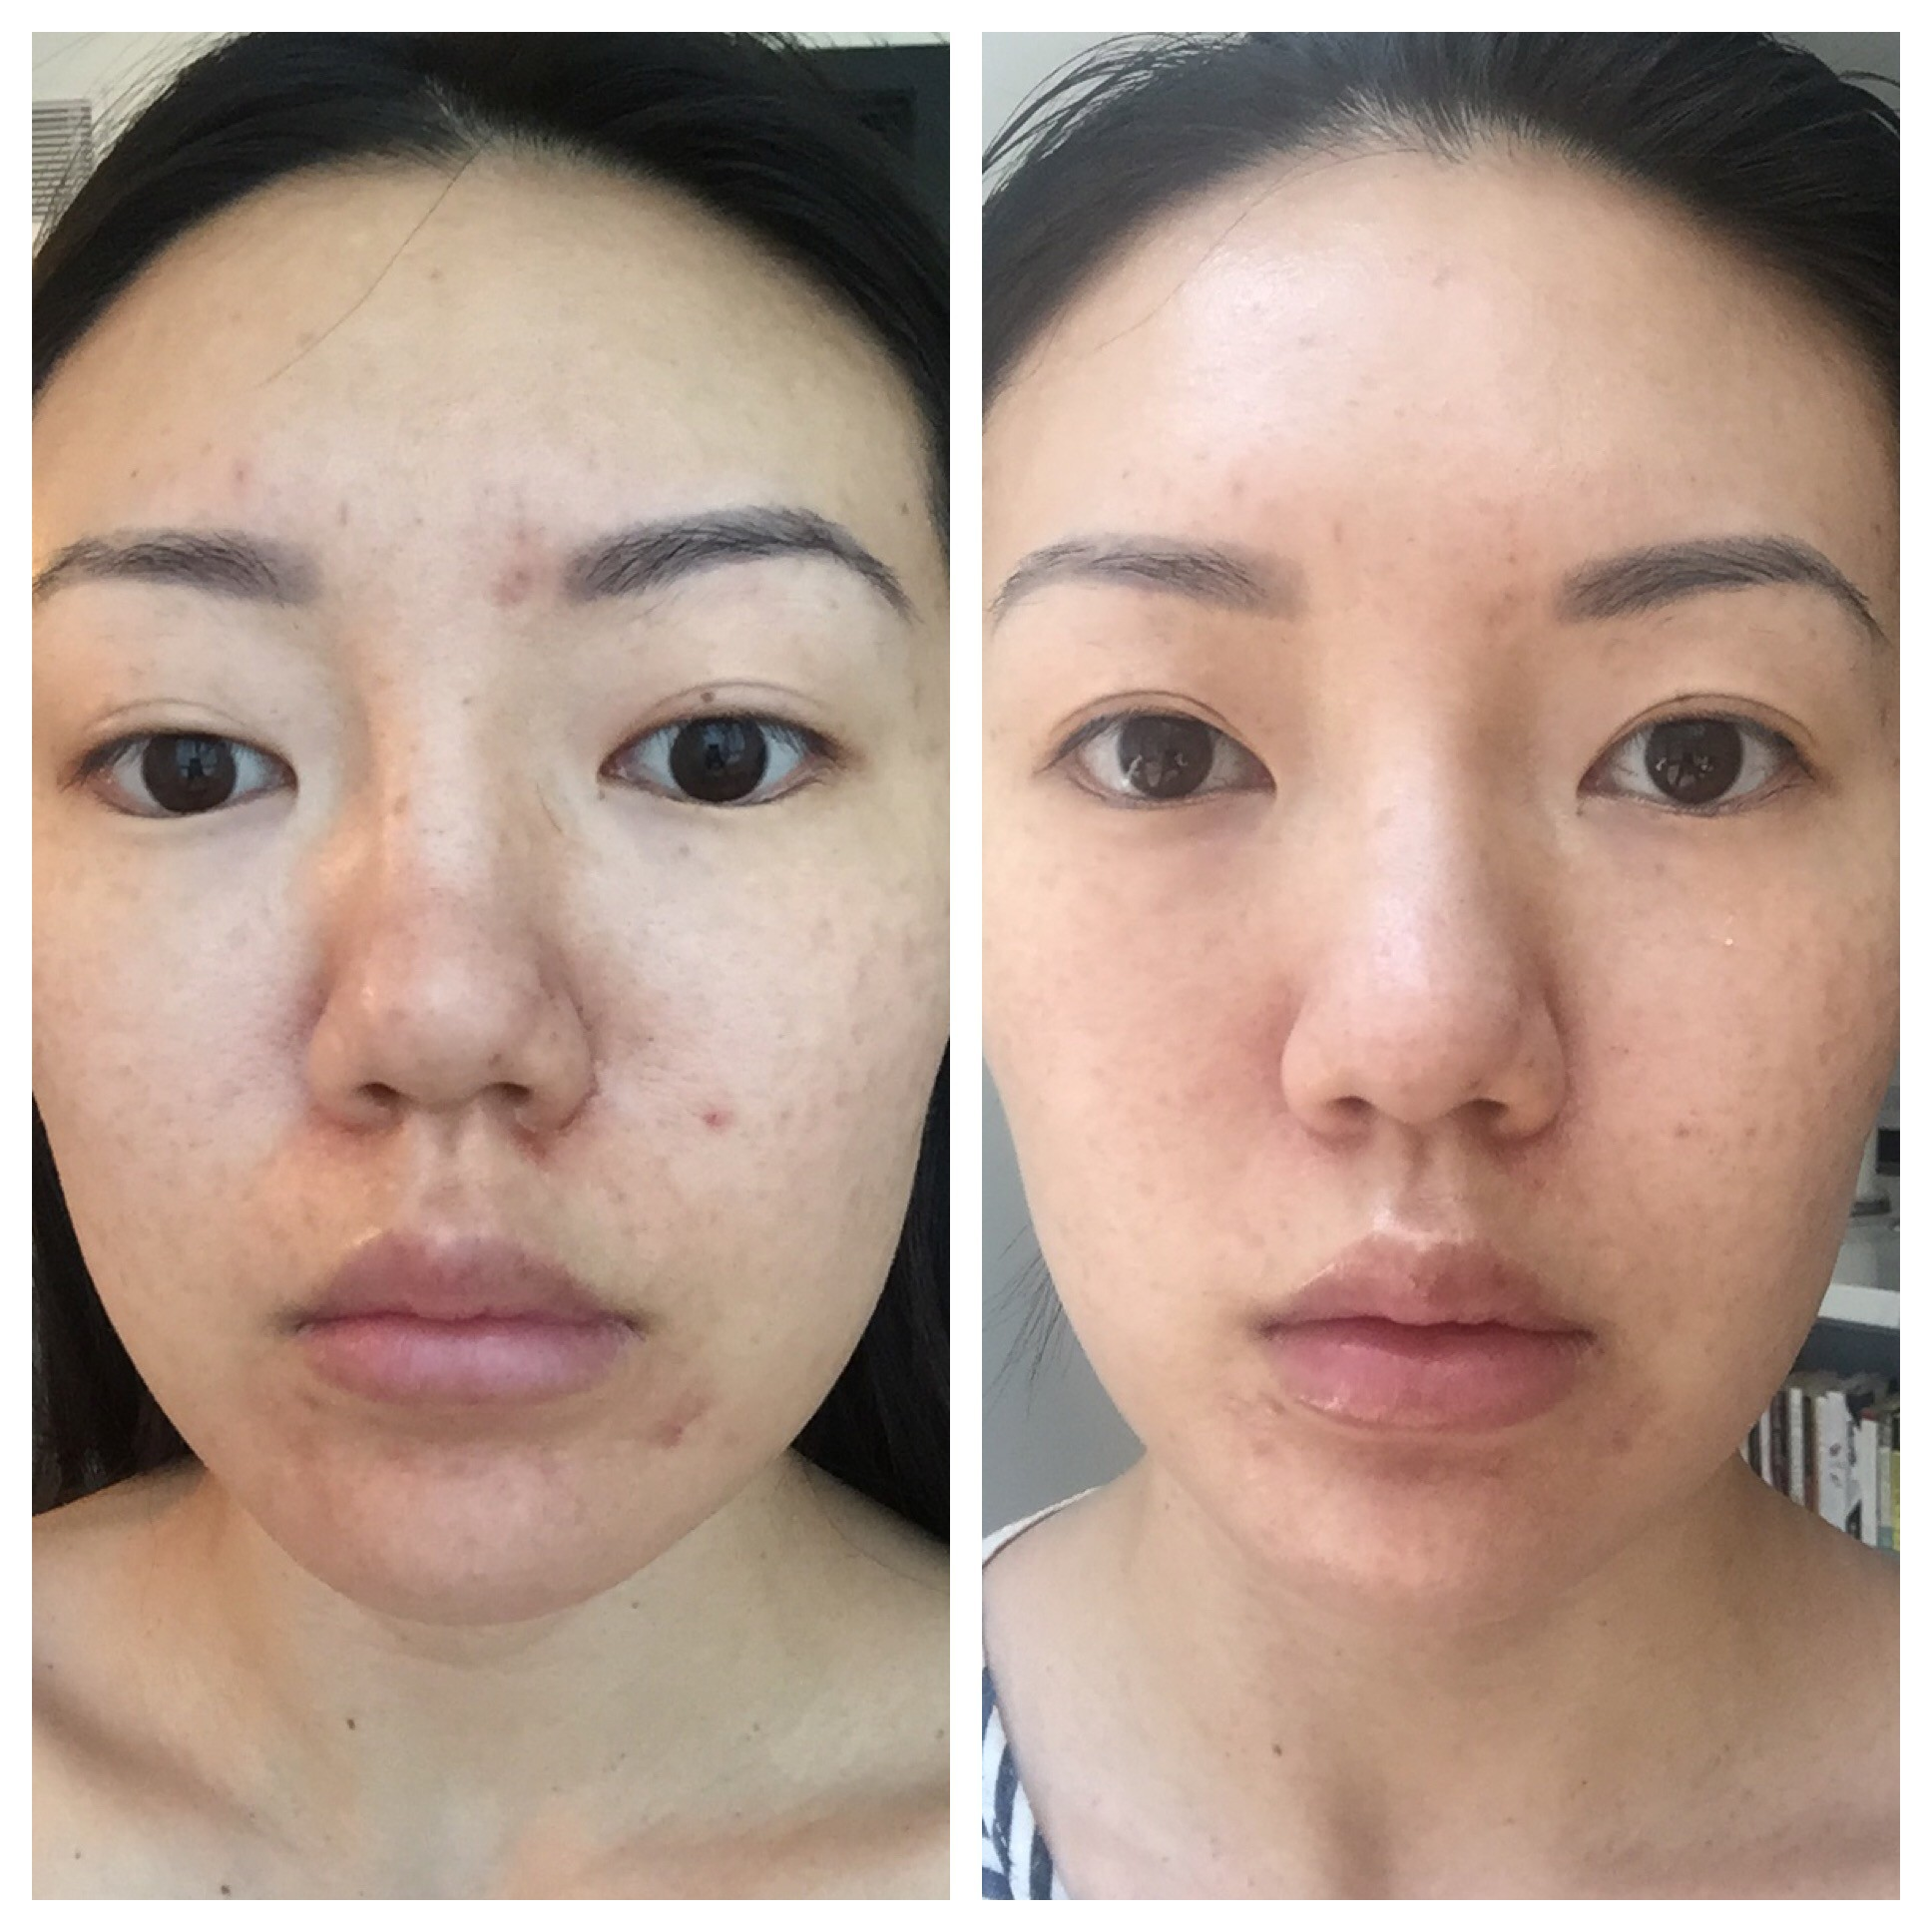 Nhờ loại dụng cụ đơn giản, những vết rạn da của cô gái này đã biến mất chỉ sau 2 tuần sử dụng - Ảnh 8.